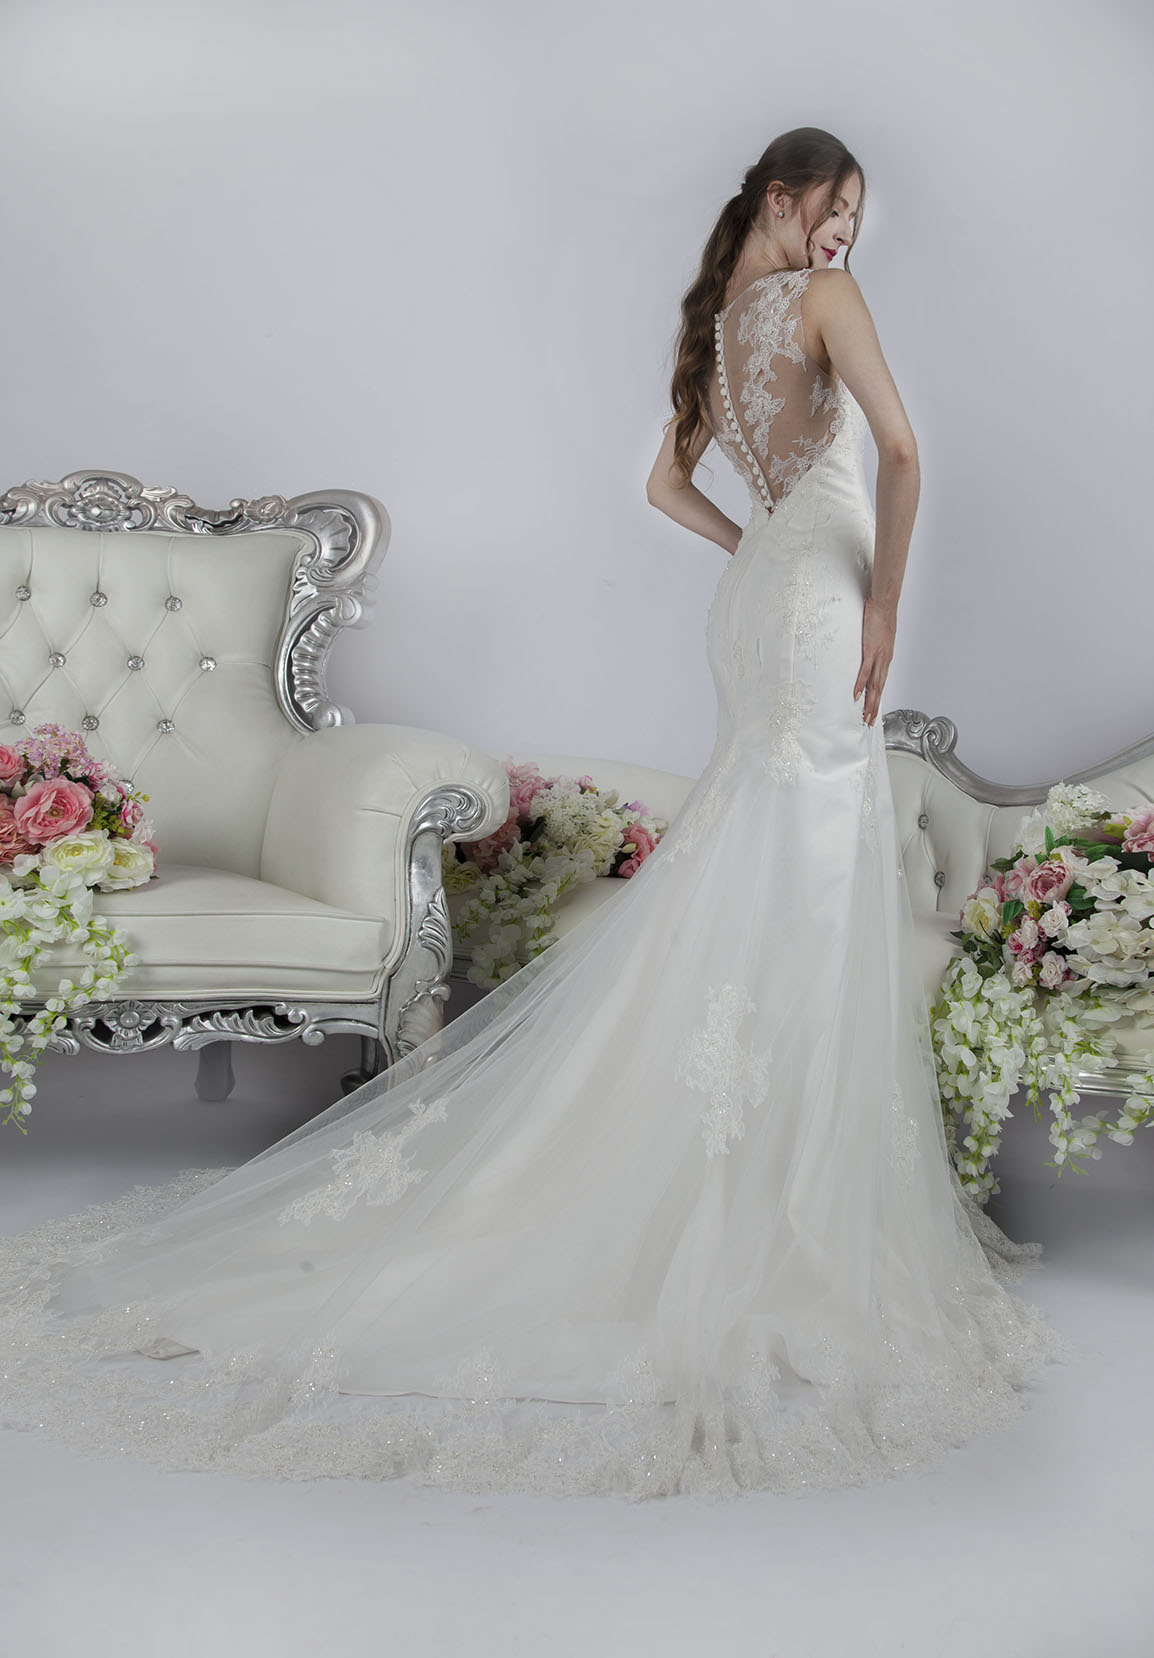 Robe pour mariage bohème chic avec un dos décolleté